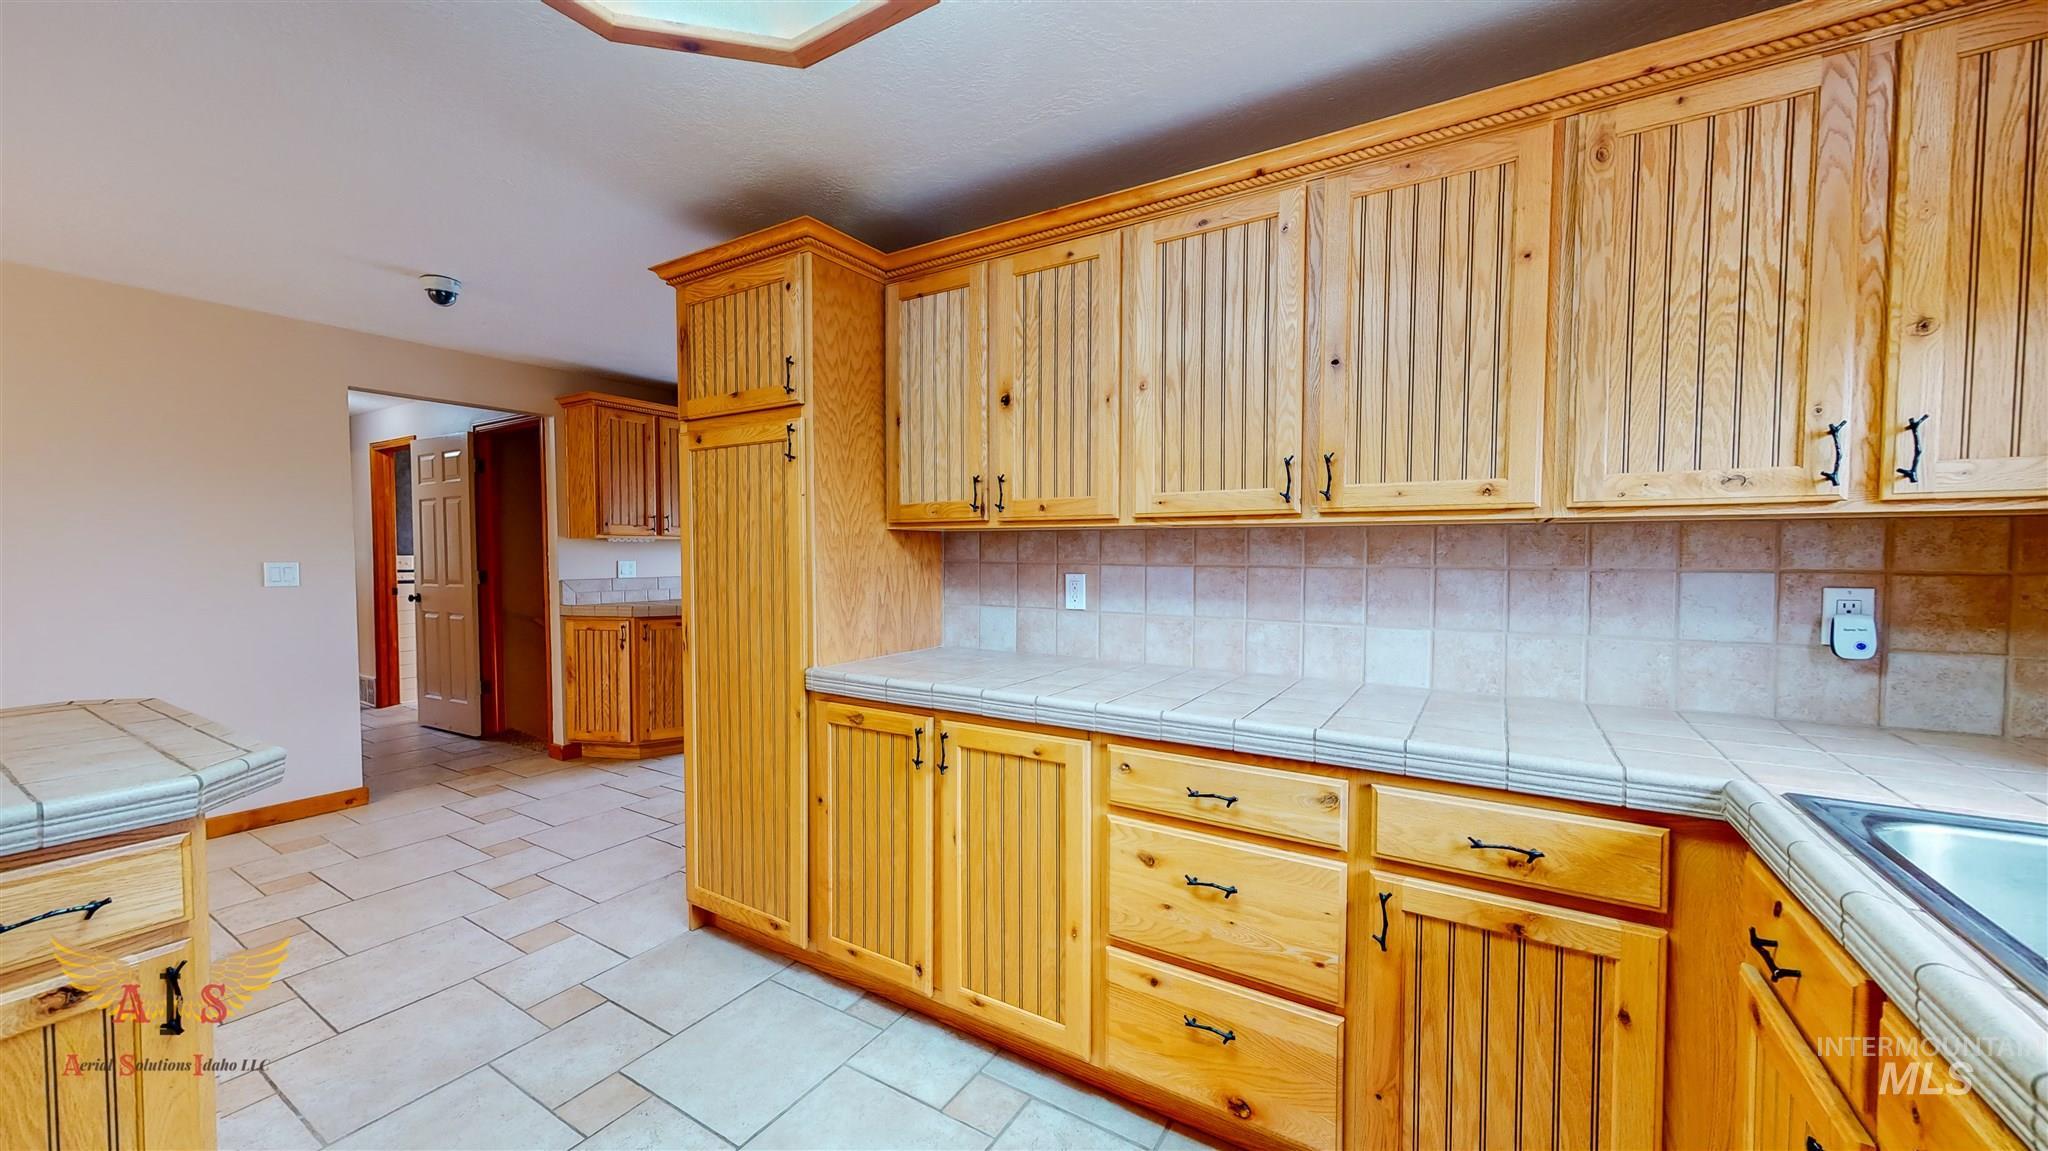 352 S 500 W Property Photo 7